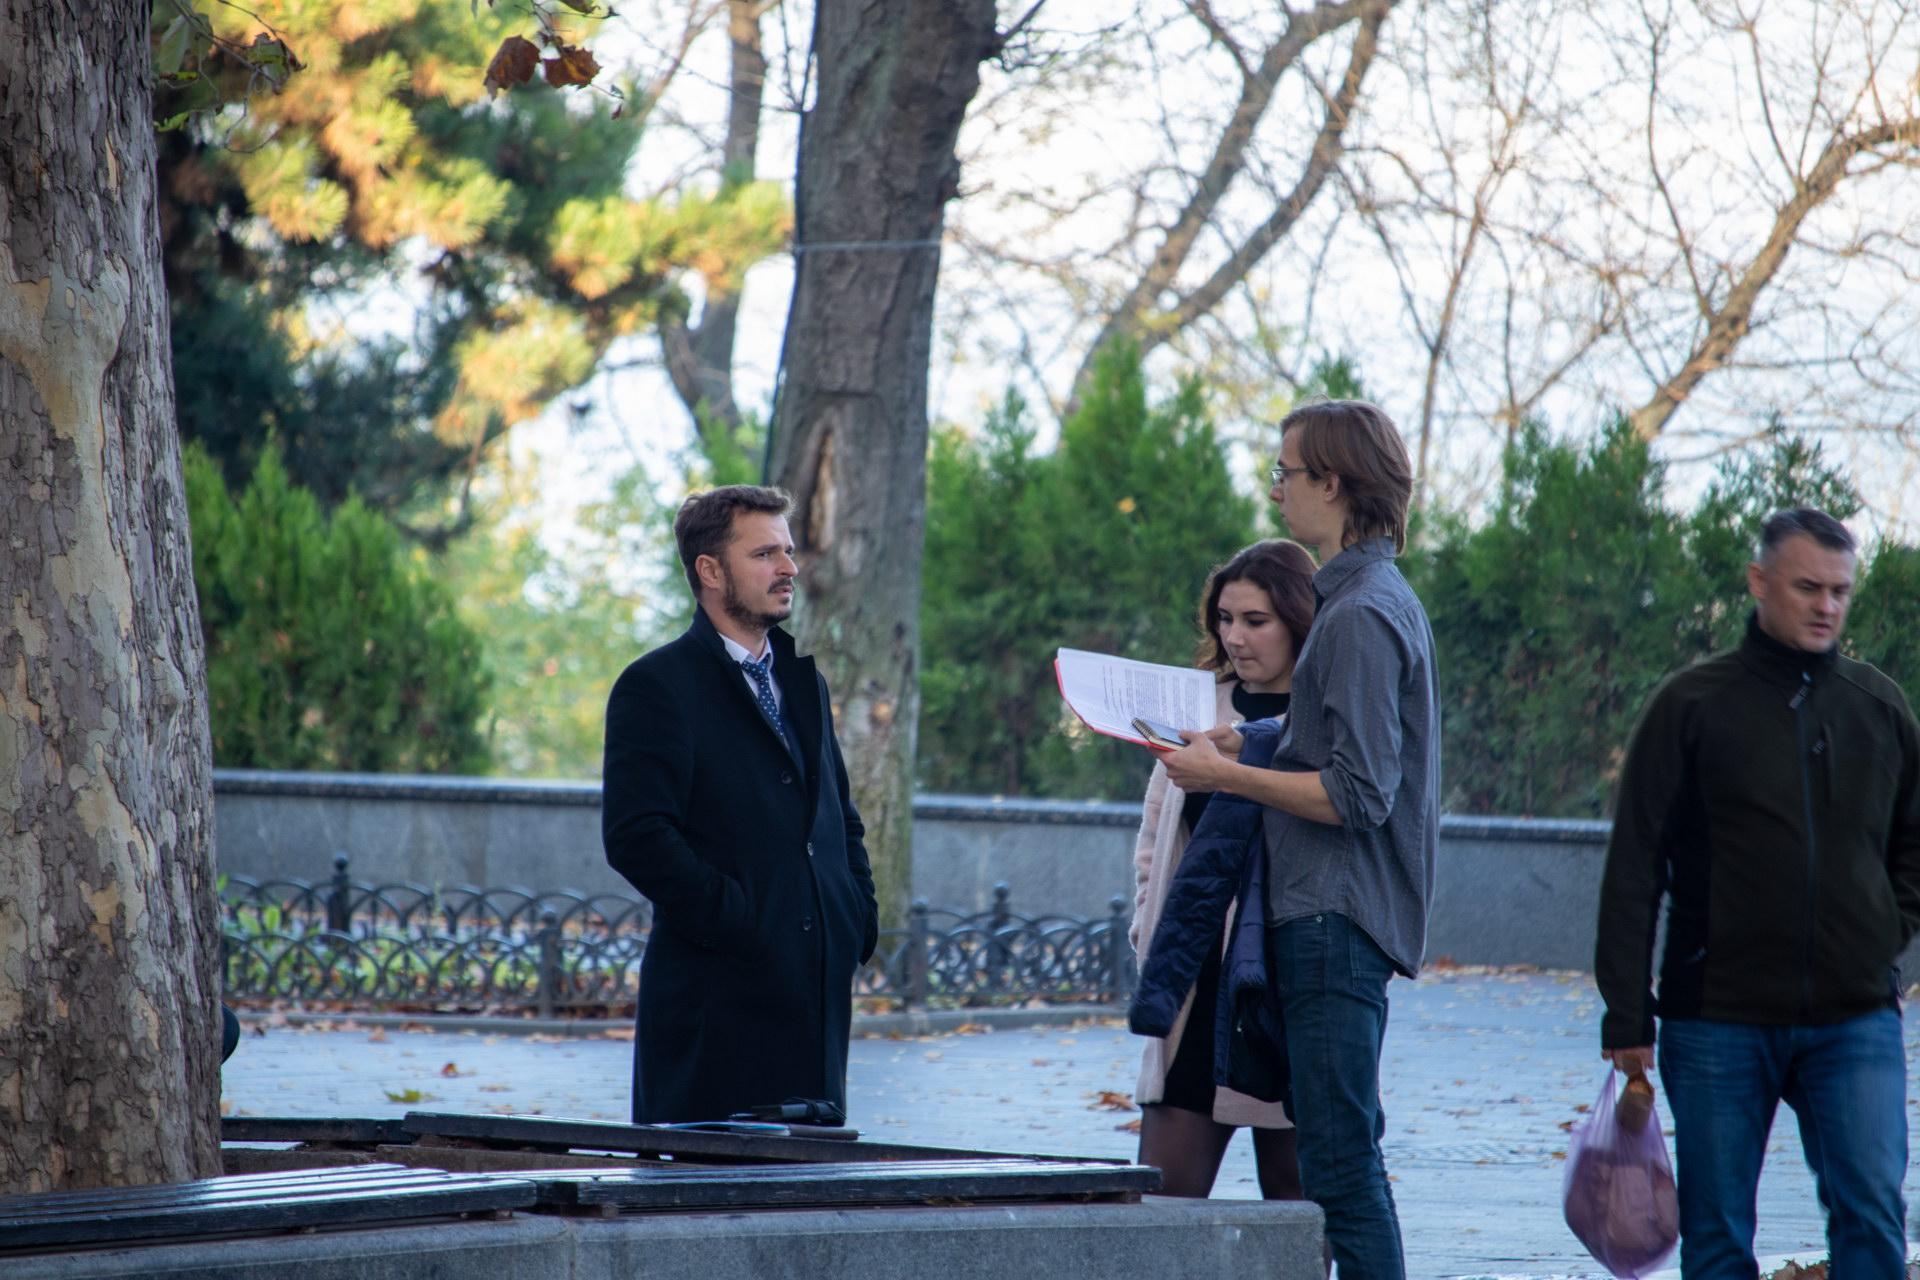 Журналисты берут интервью у чиновника в Одессе Украина – bur4ik.ru – 21.01.2020 - фото 1